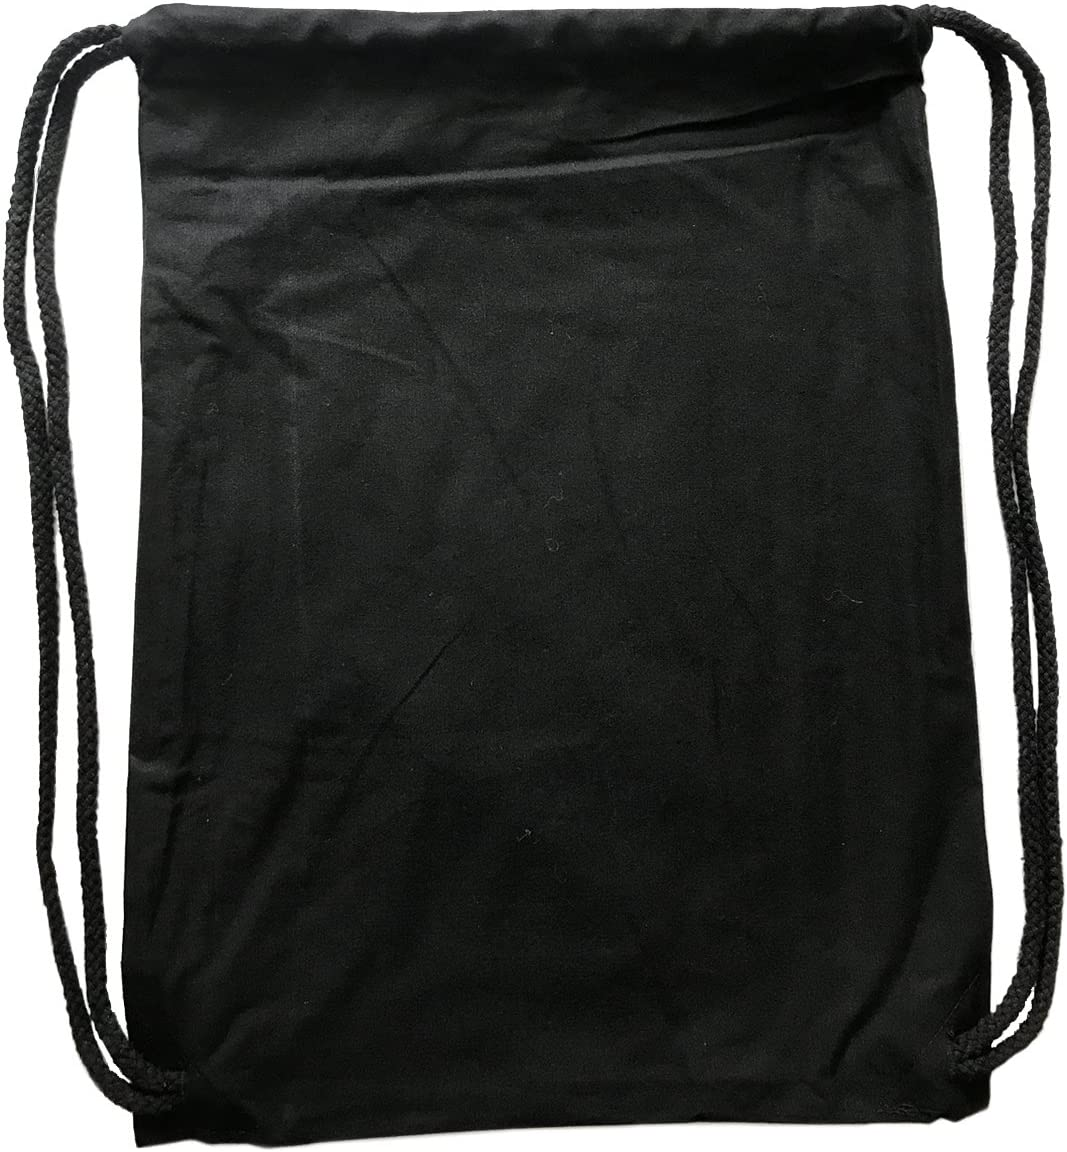 PREMYO Sac R/éutilisable Fruit L/égume Sac de Course Cabas Tote Bag Coton R/ésistant Anses Longues Noir